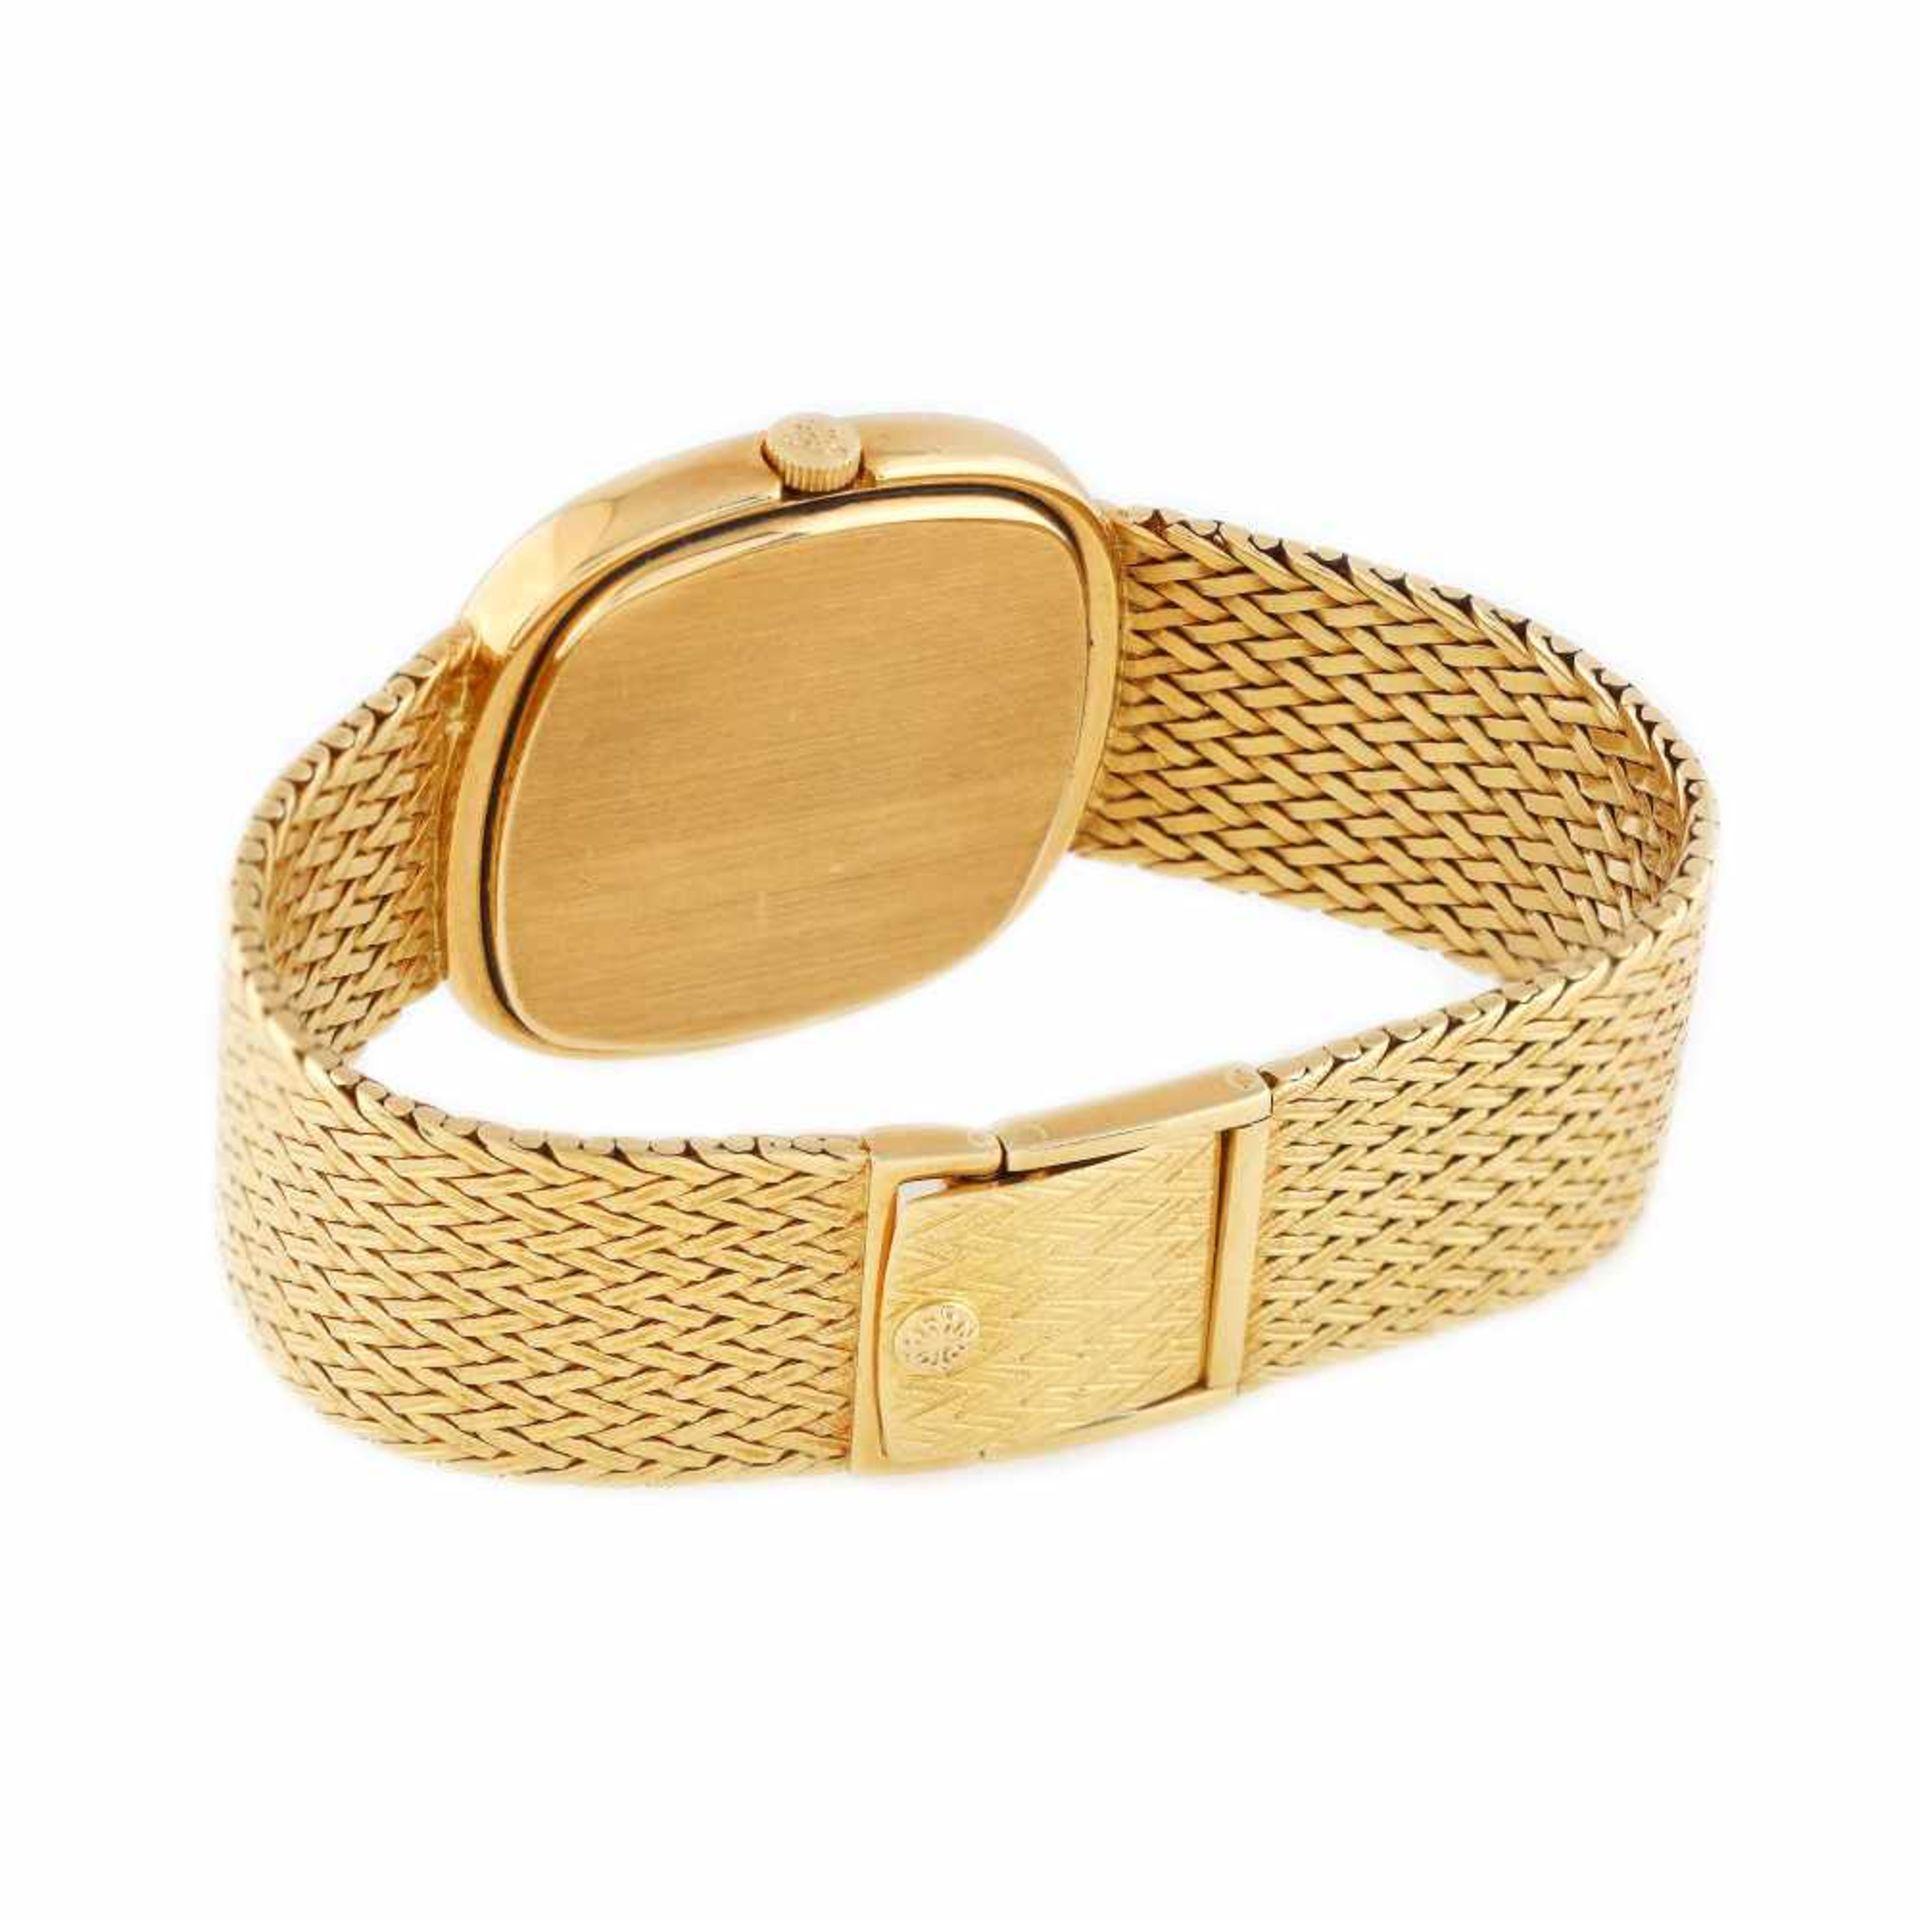 Patek Philippe Ellipse wristwatch, gold - Bild 3 aus 4